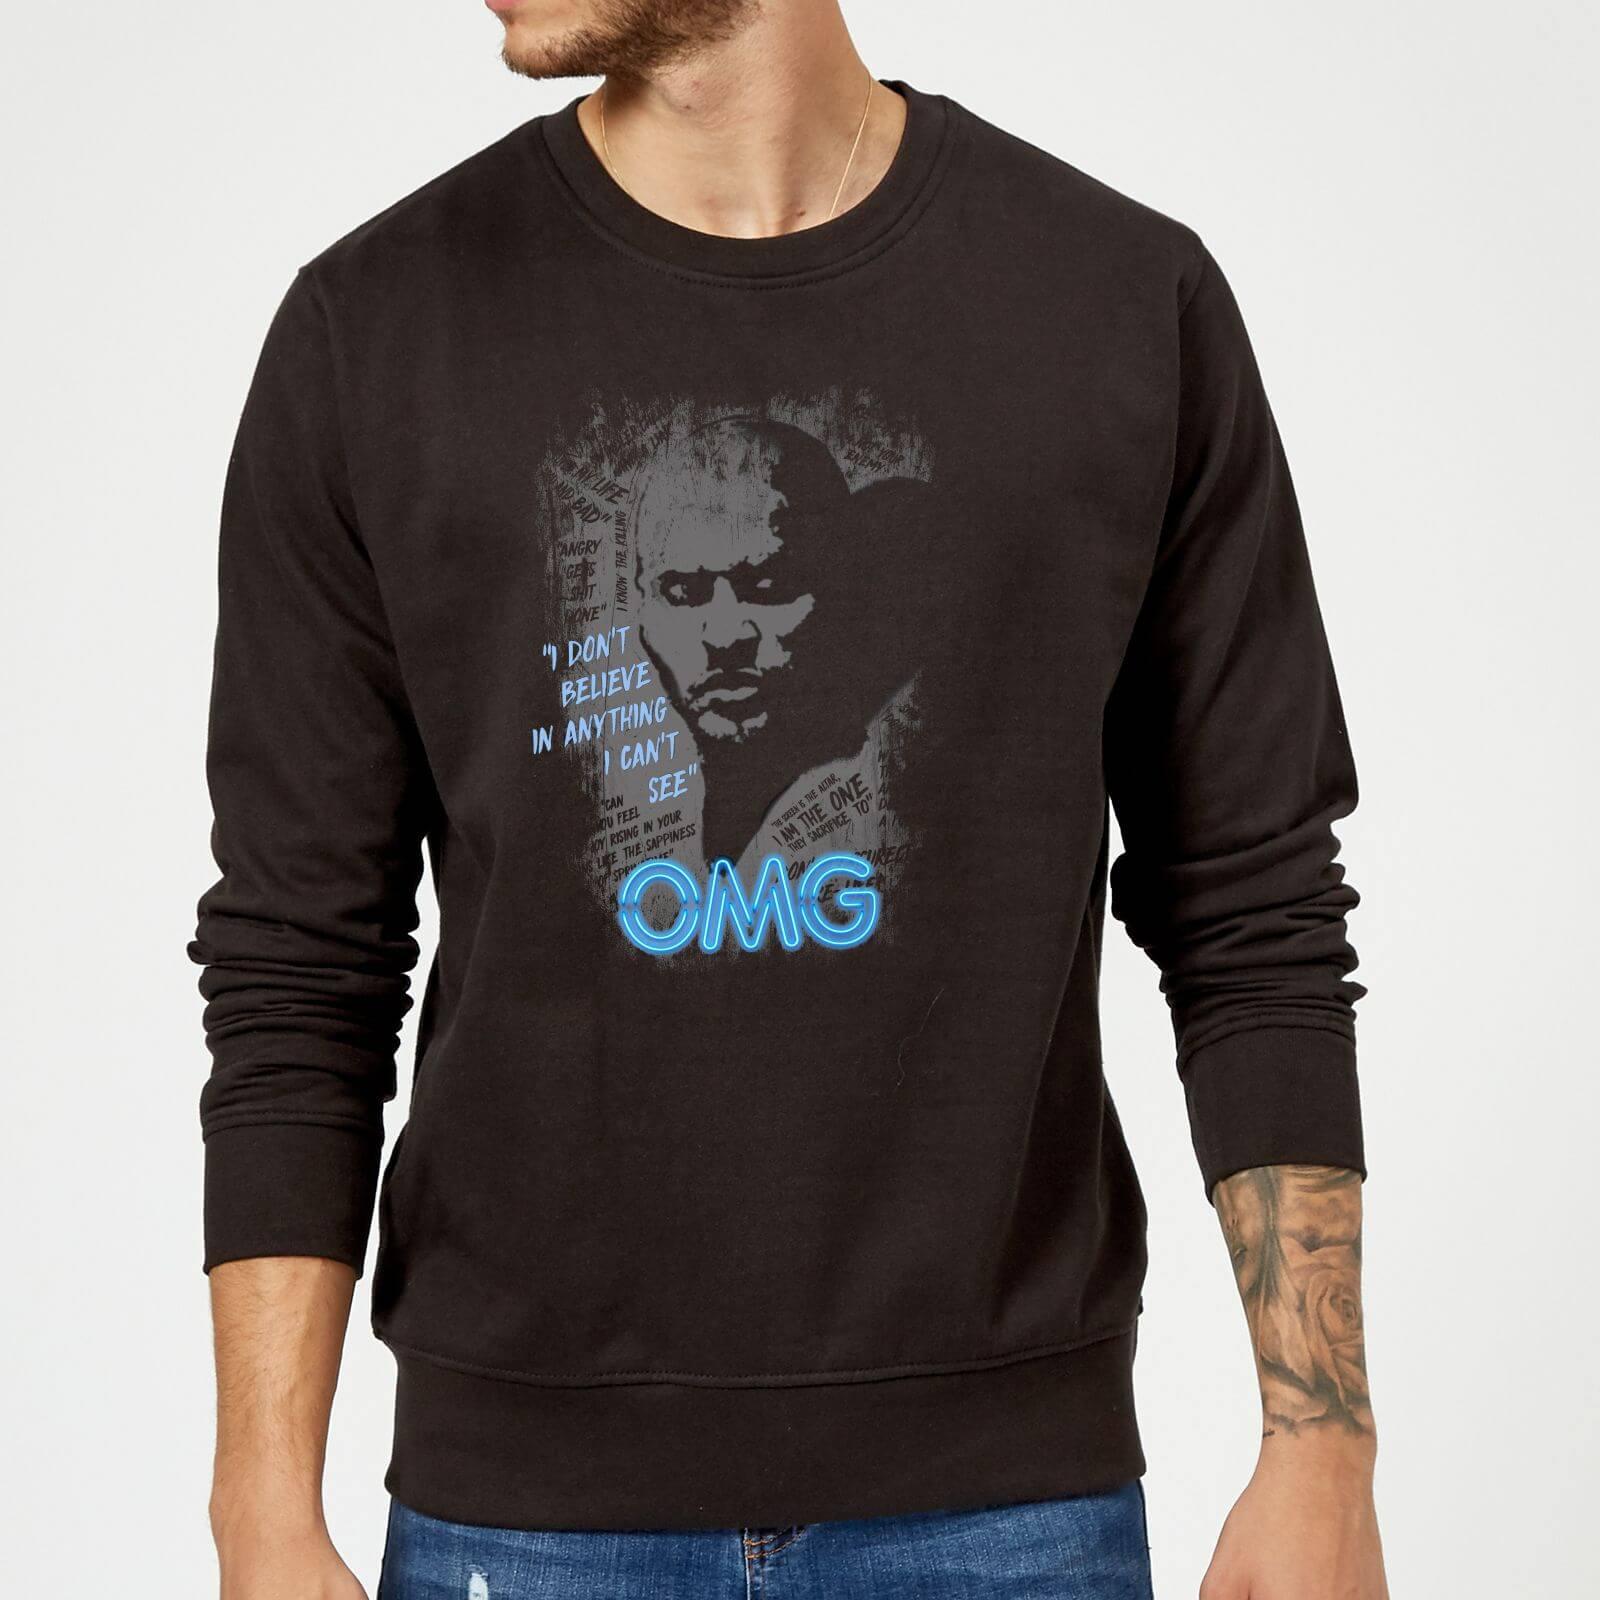 American Gods Shadow OMG Sweatshirt - Black - XL - Black-male